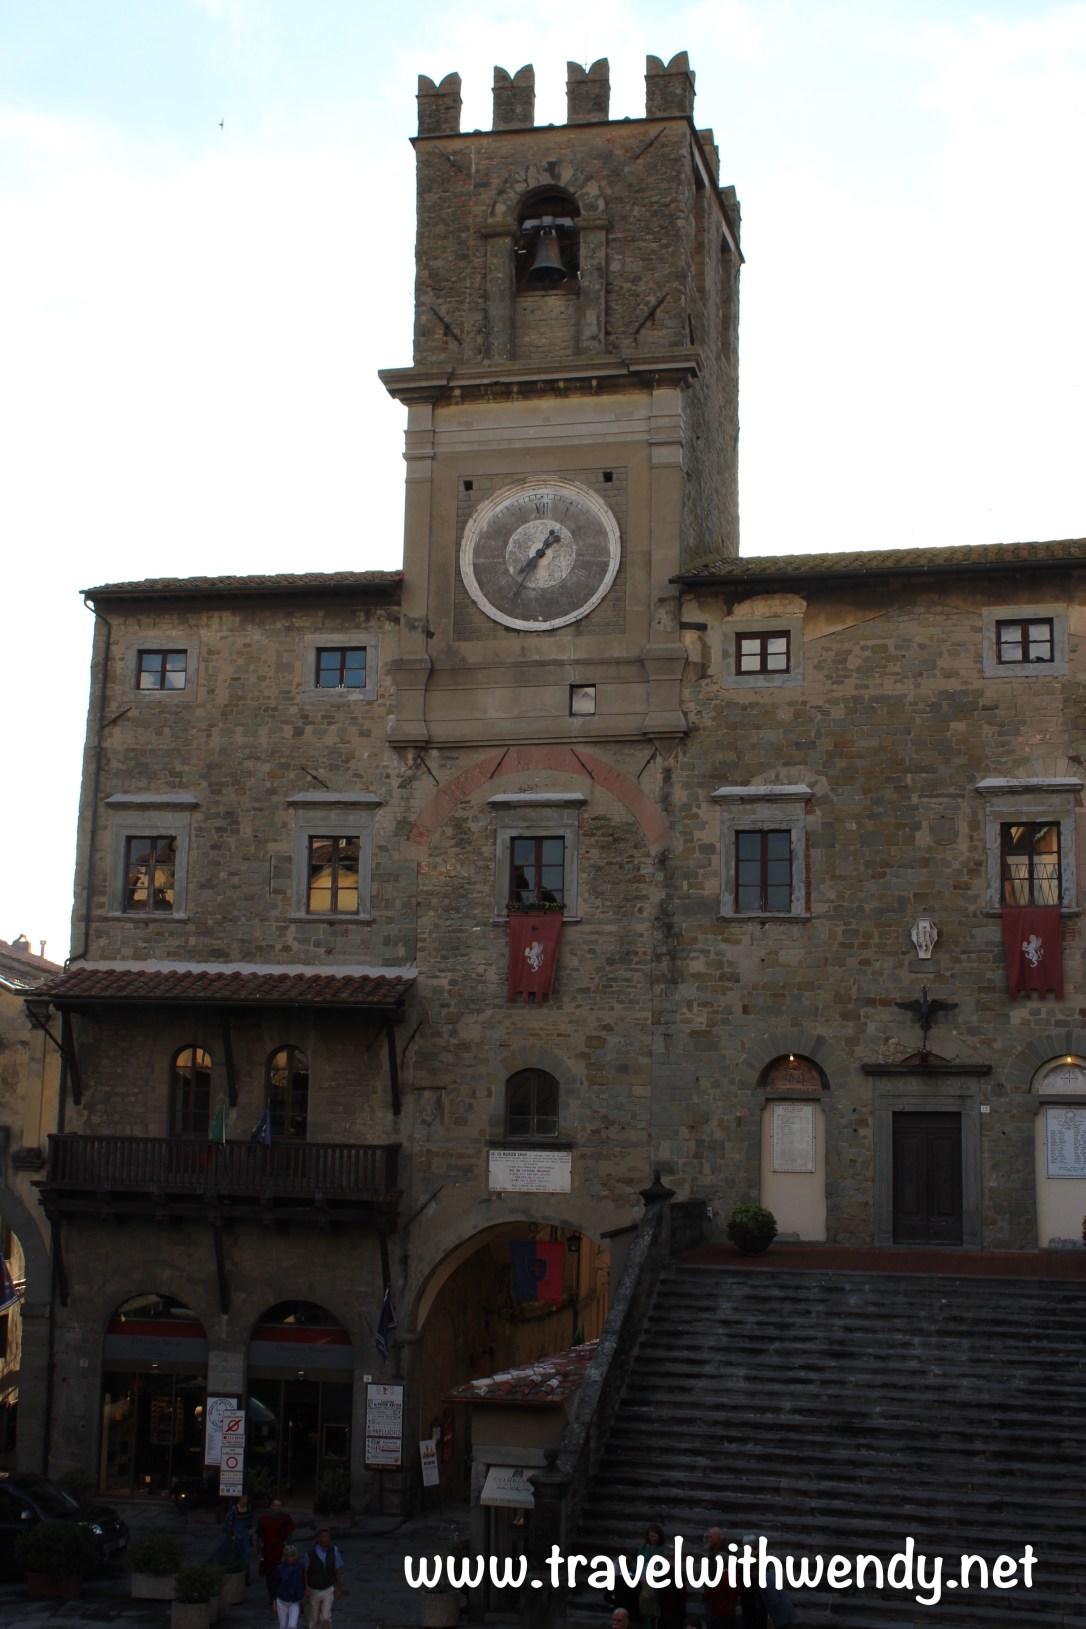 TWW - Cortona square